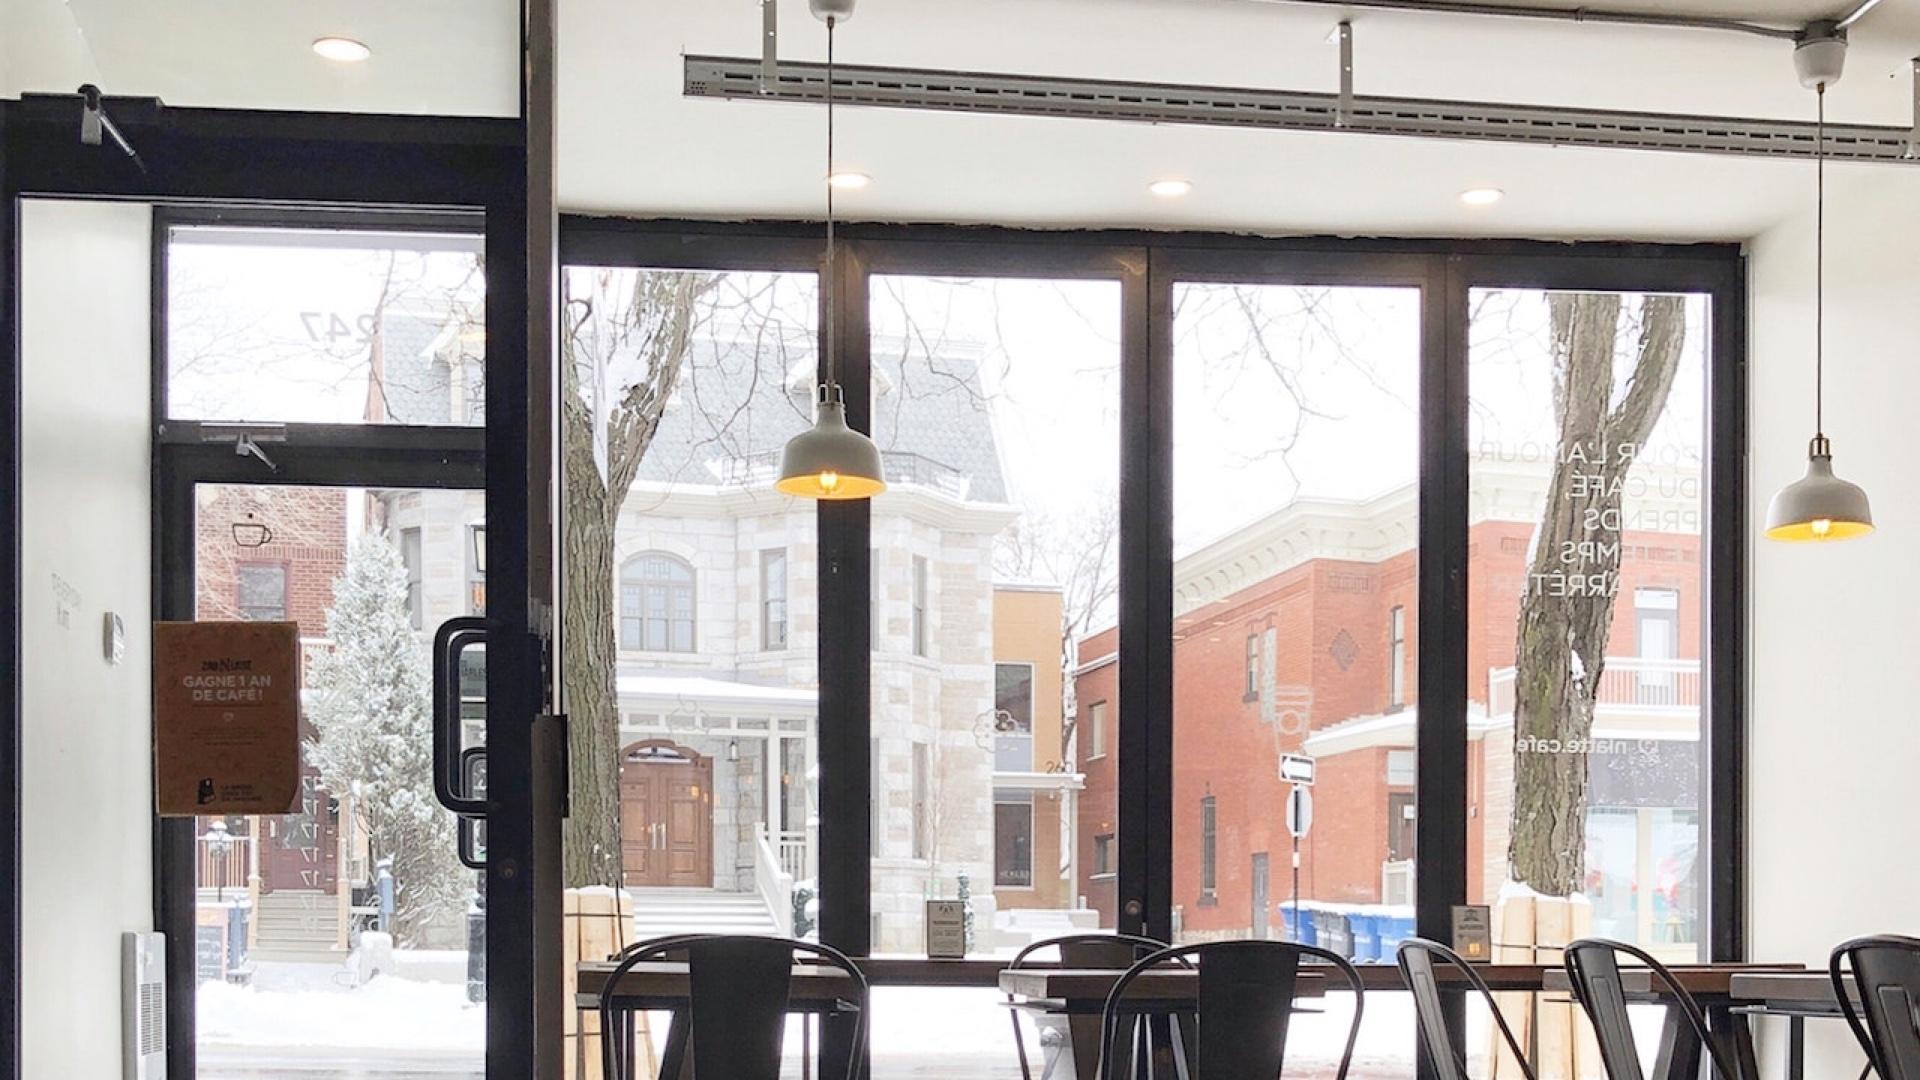 雪景色の街が見える大きなカフェの窓